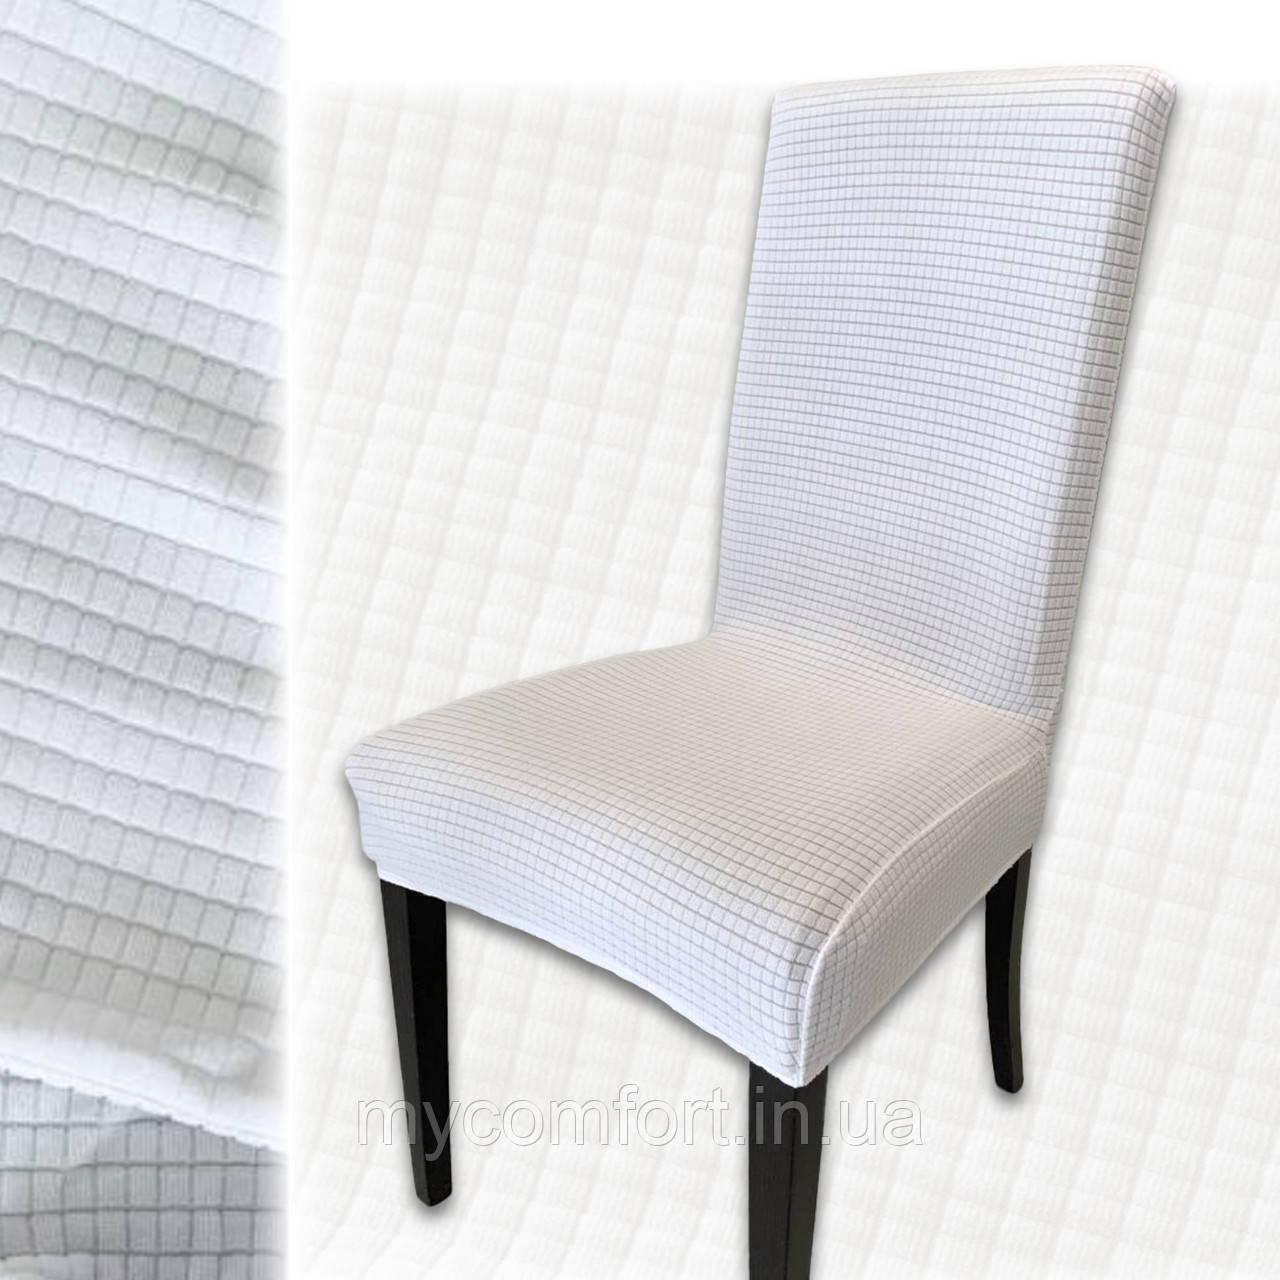 Чехол на стул. KARE Турция. Белый (Универсальные чехлы на стулья, любой формы)